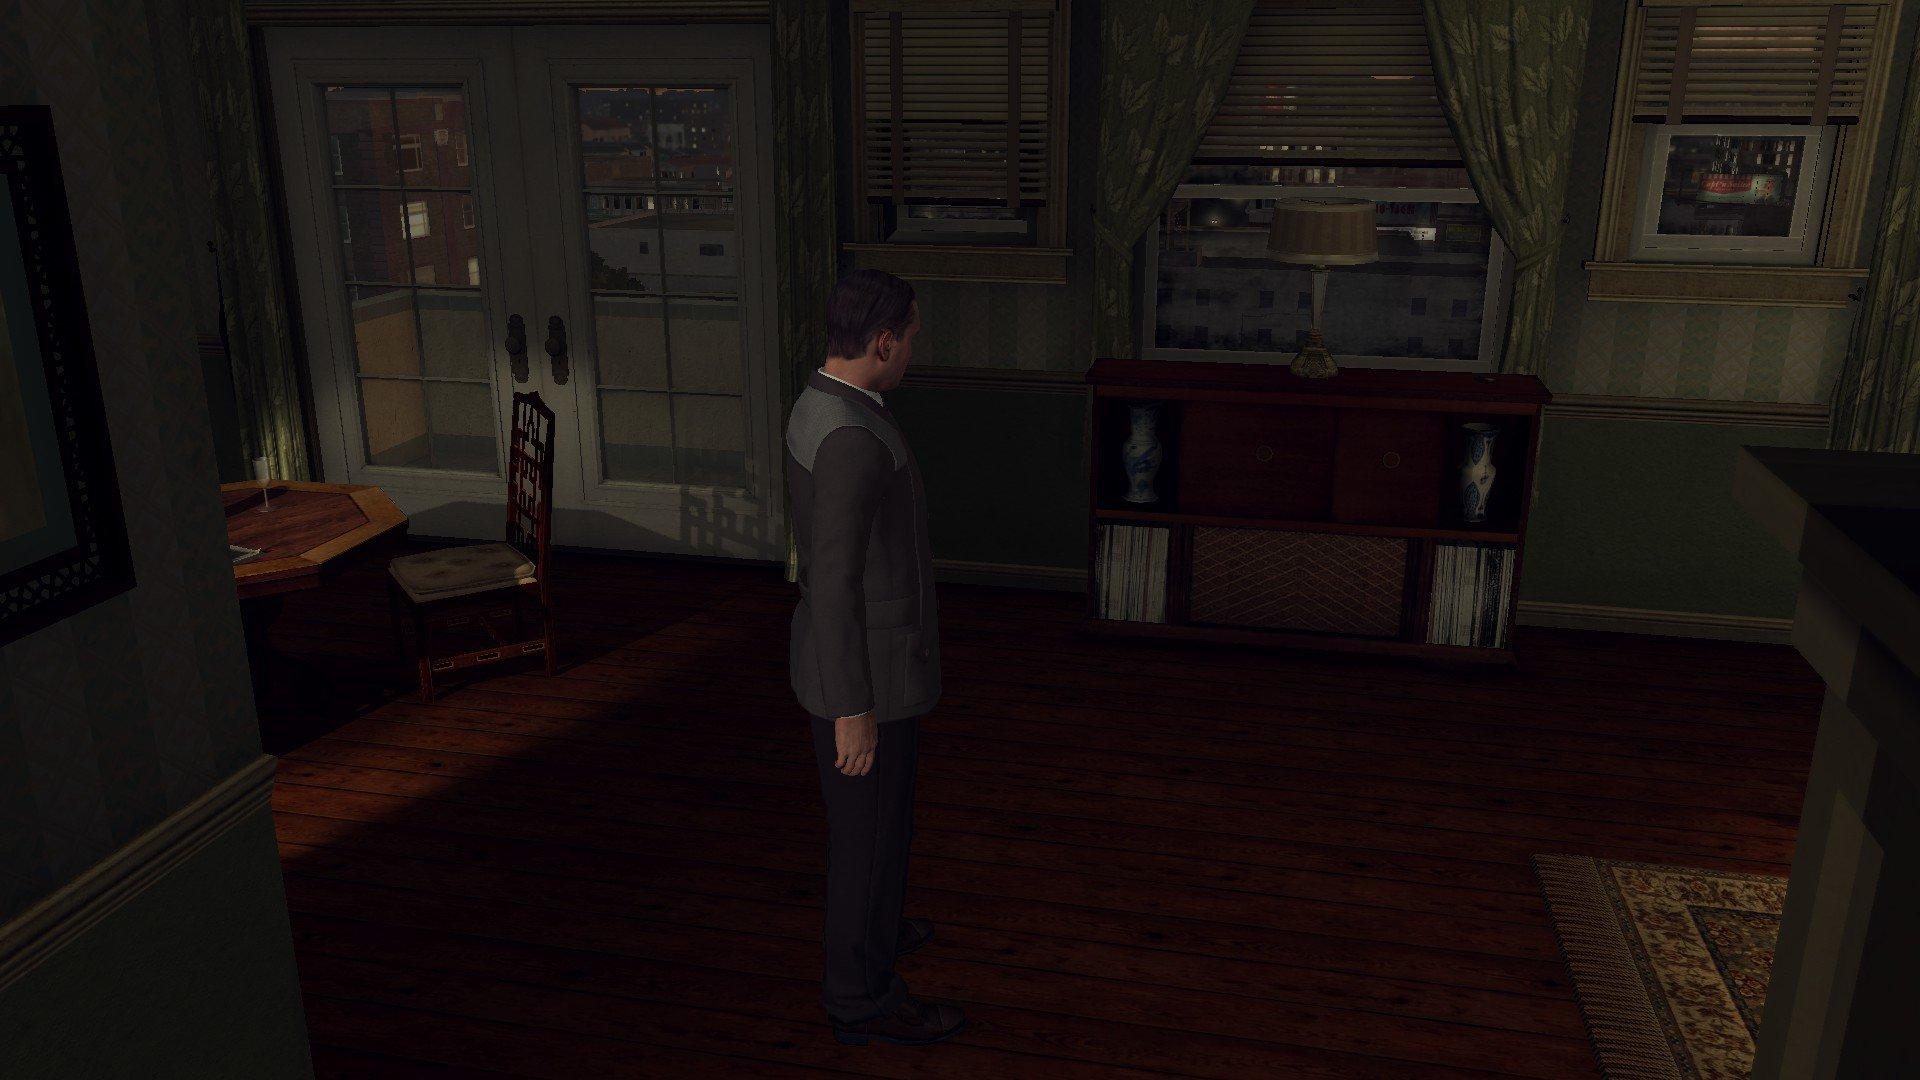 Пост-прохождение L.A. Noire Часть 17-2 - Изображение 25